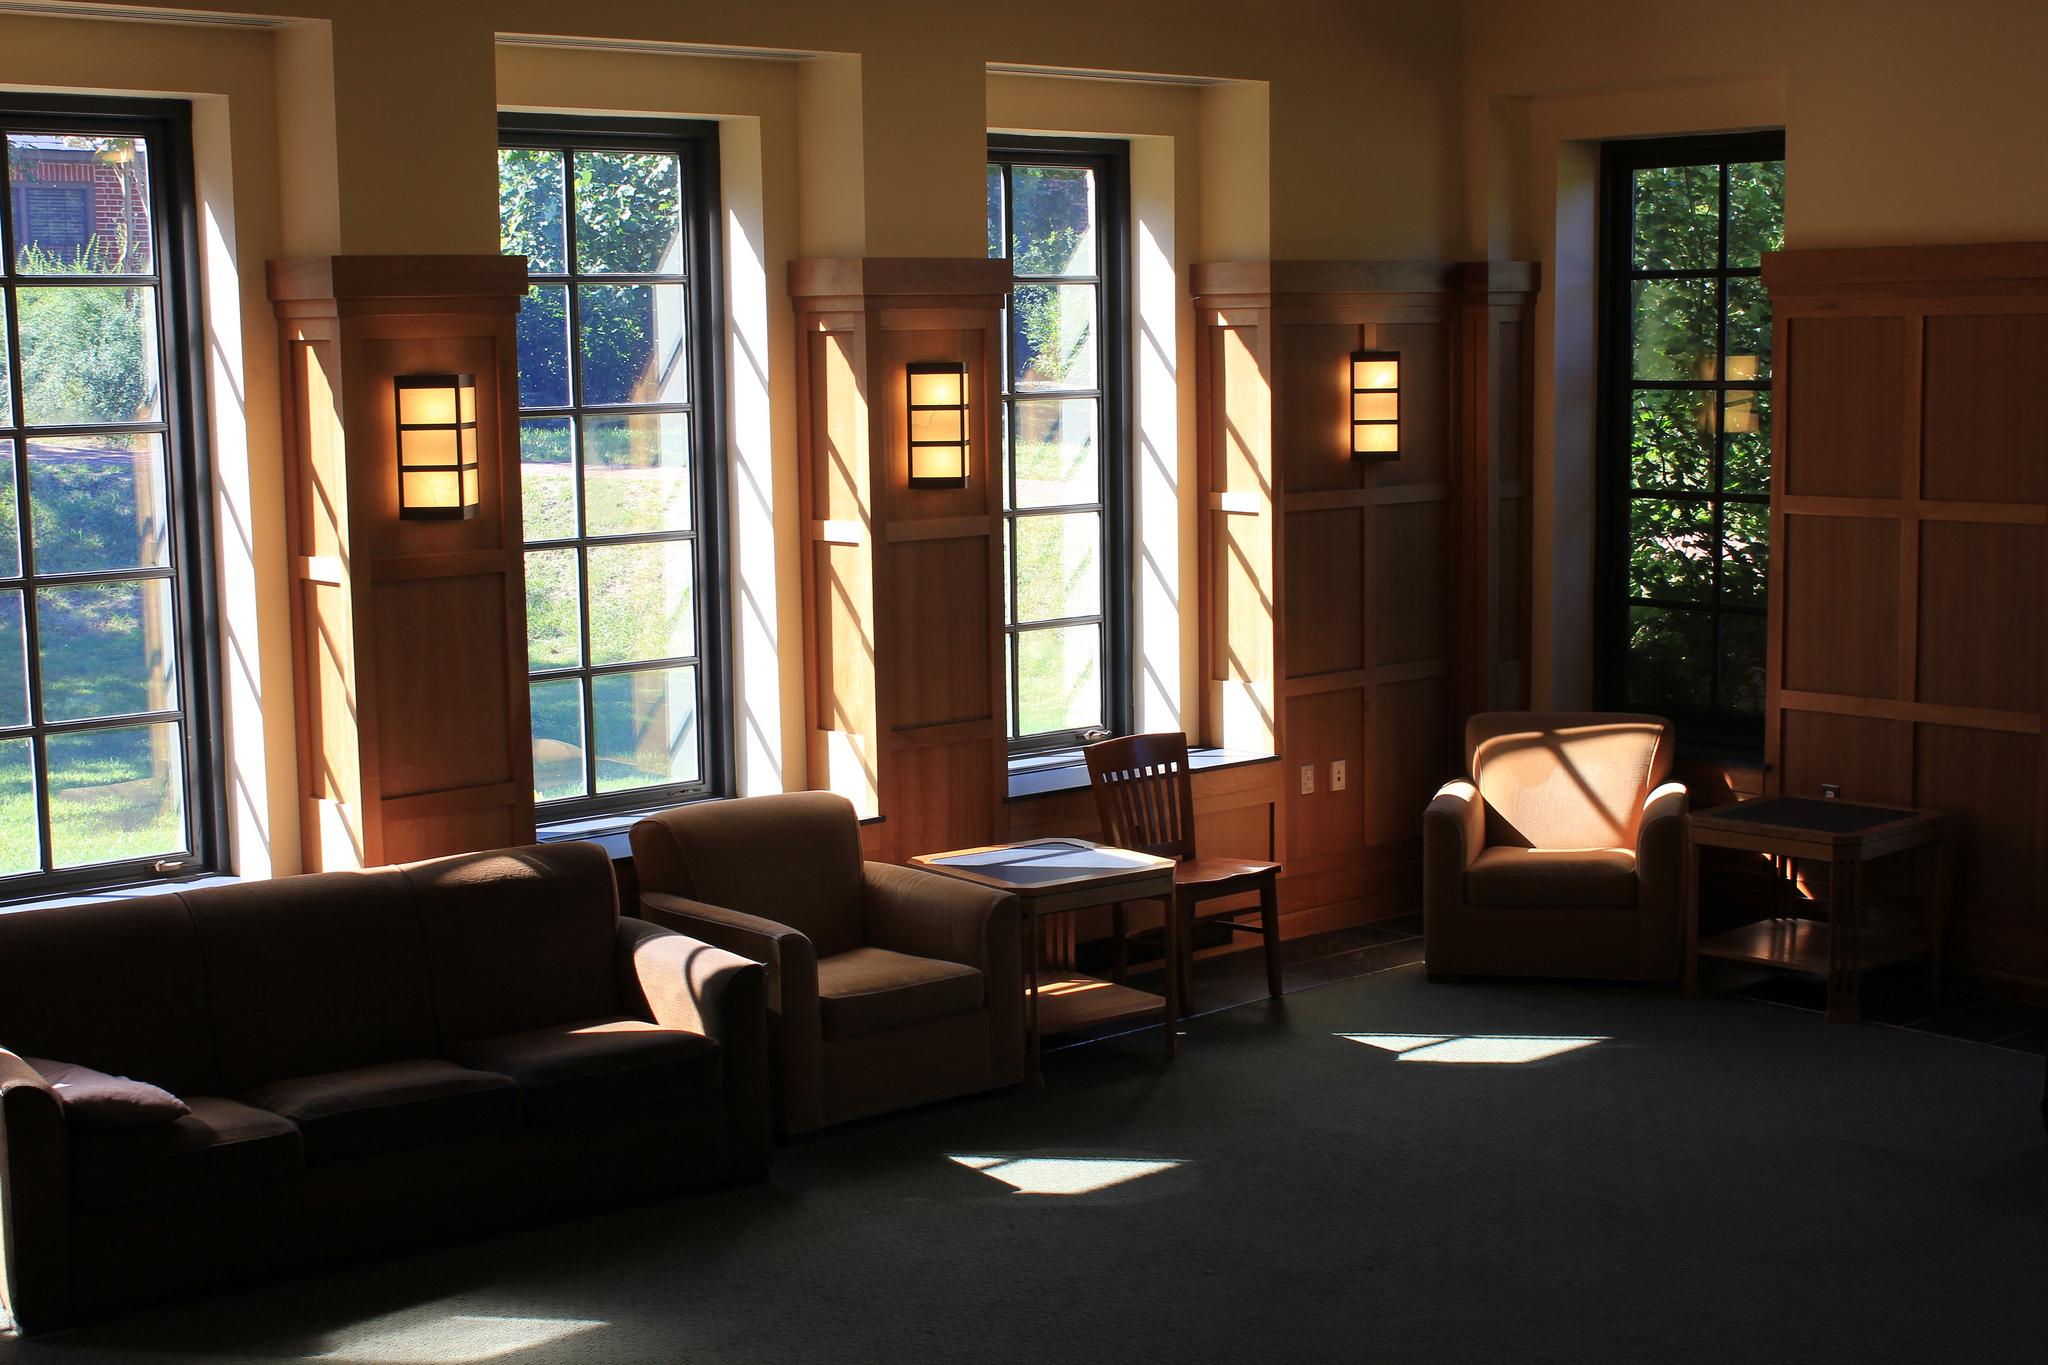 aldom-lounge